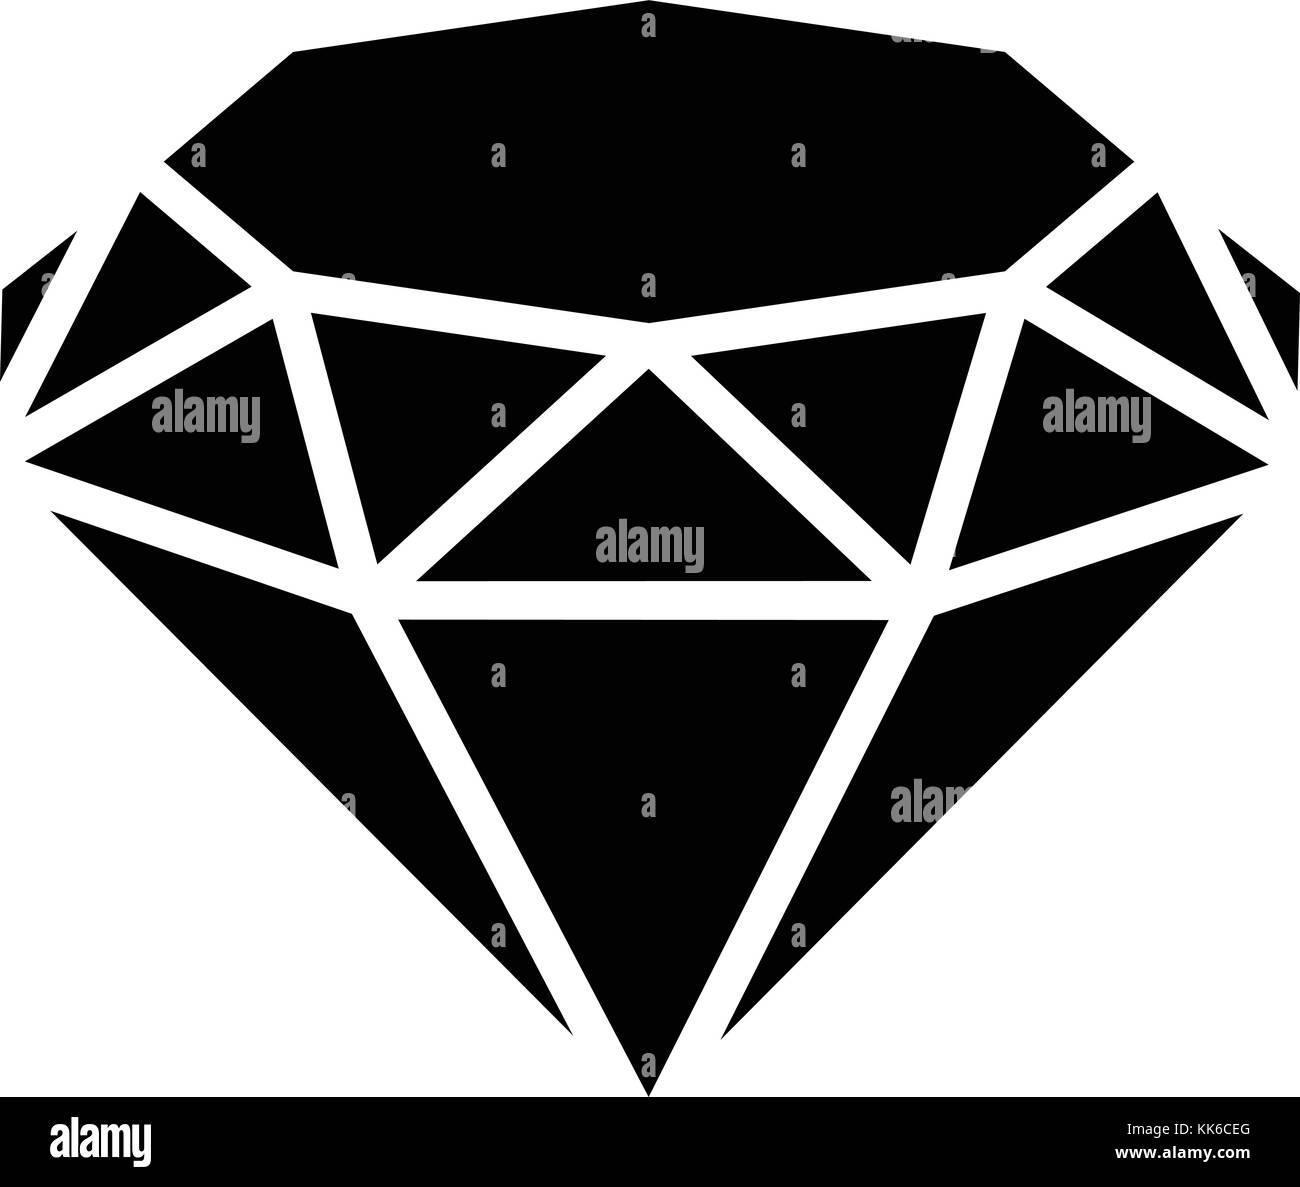 Diamond icon, simple black style - Stock Image